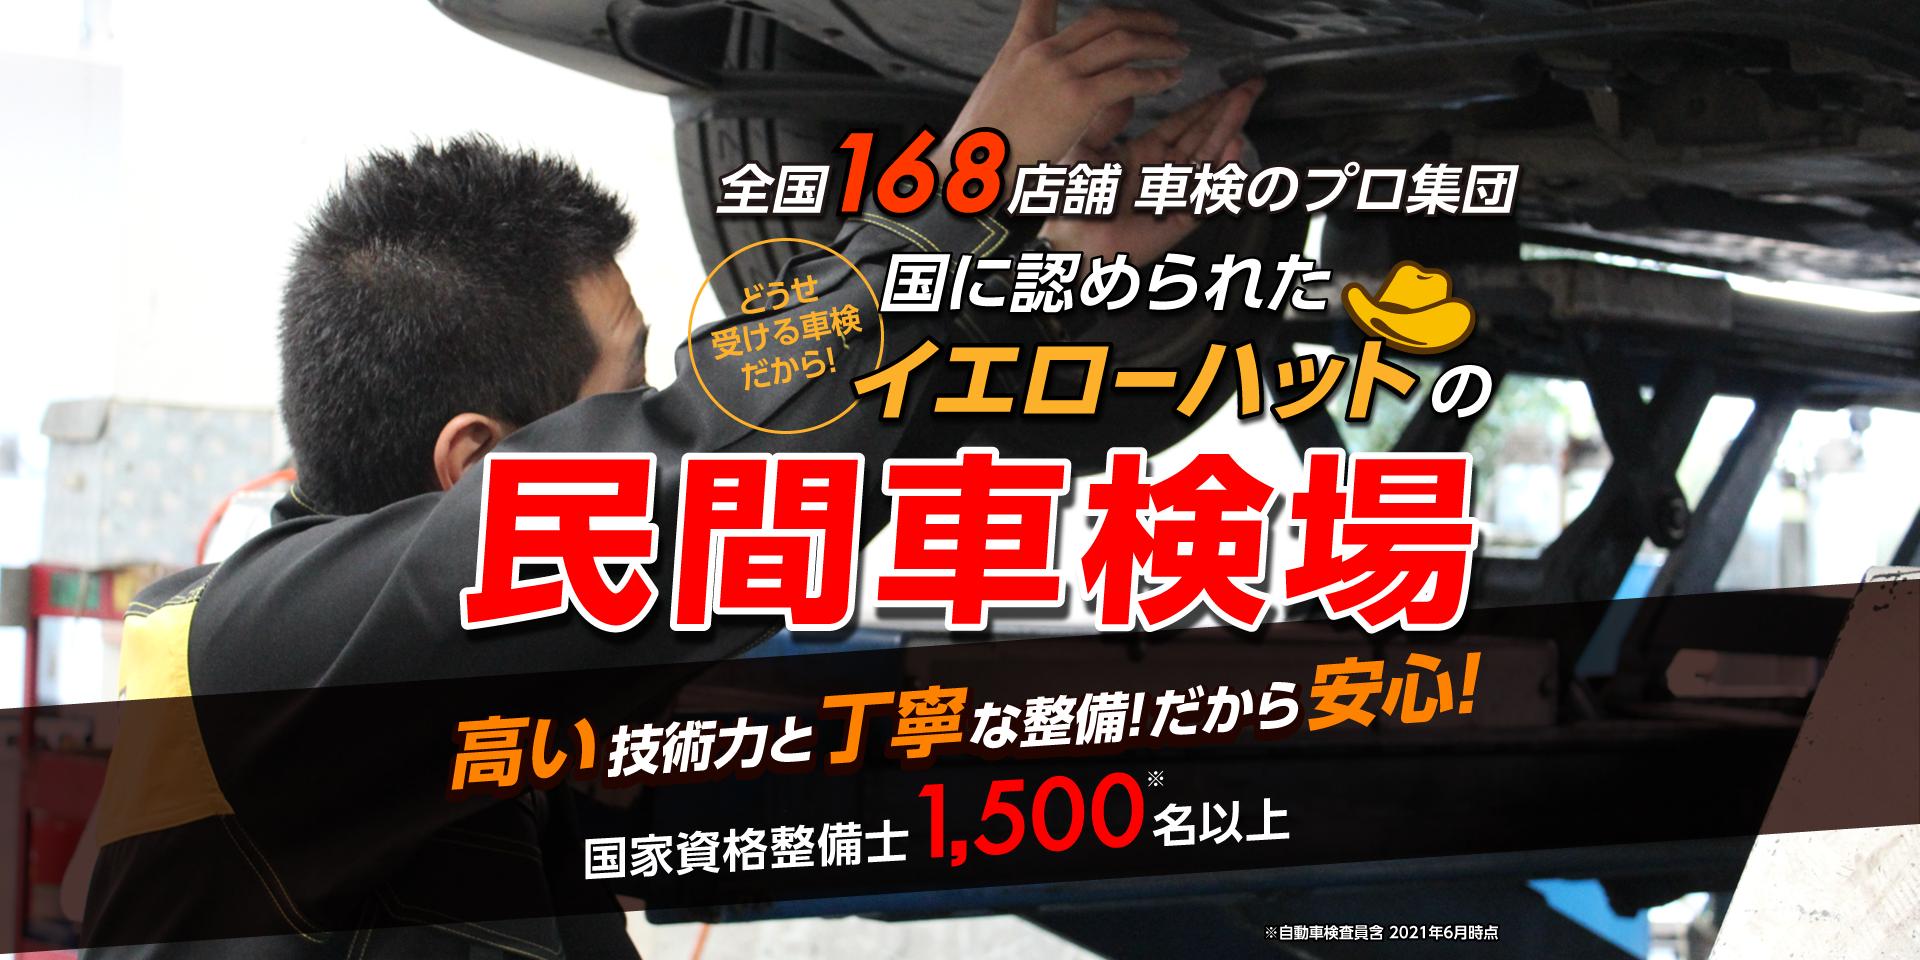 全国161店舗 車検のプロ集団 国に認められた イエローハットの民間車検場